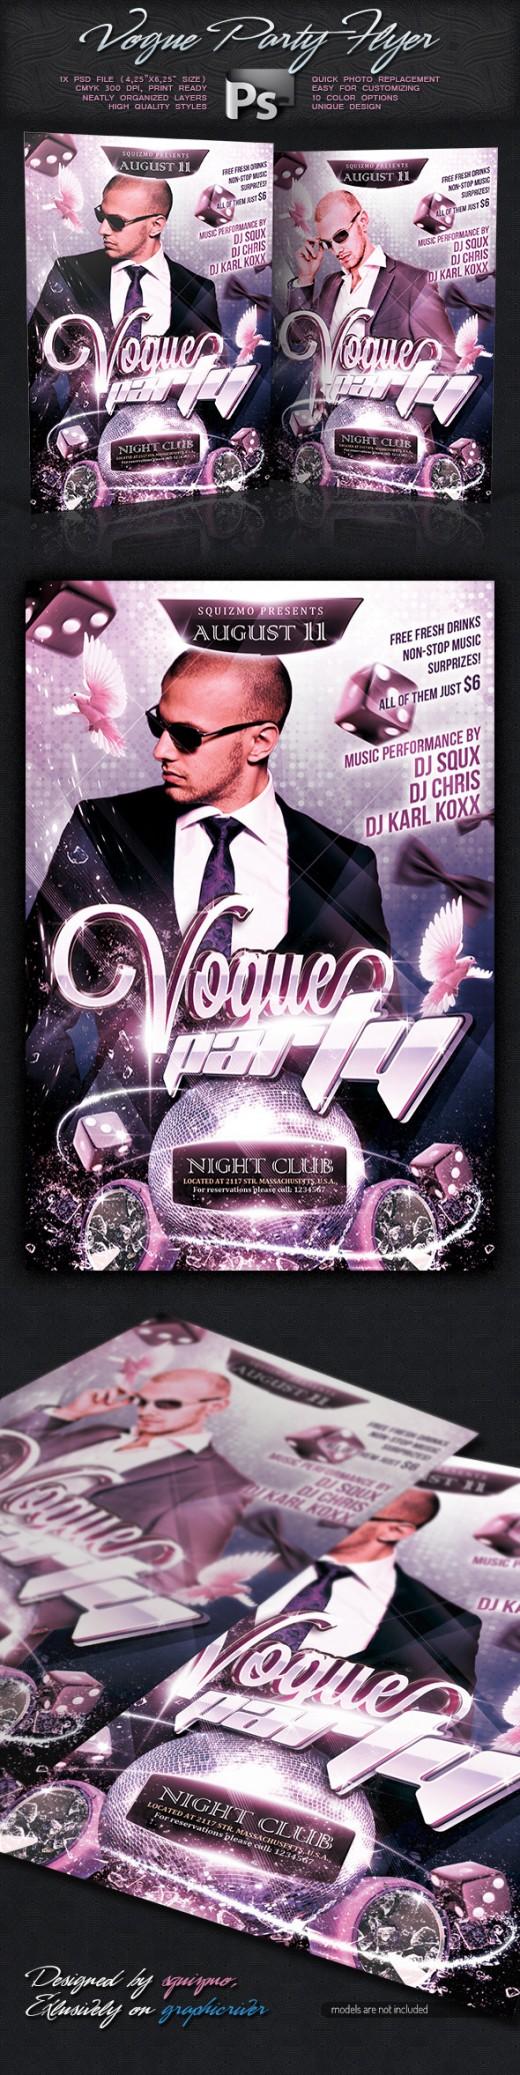 Vogue Show Party Flyer